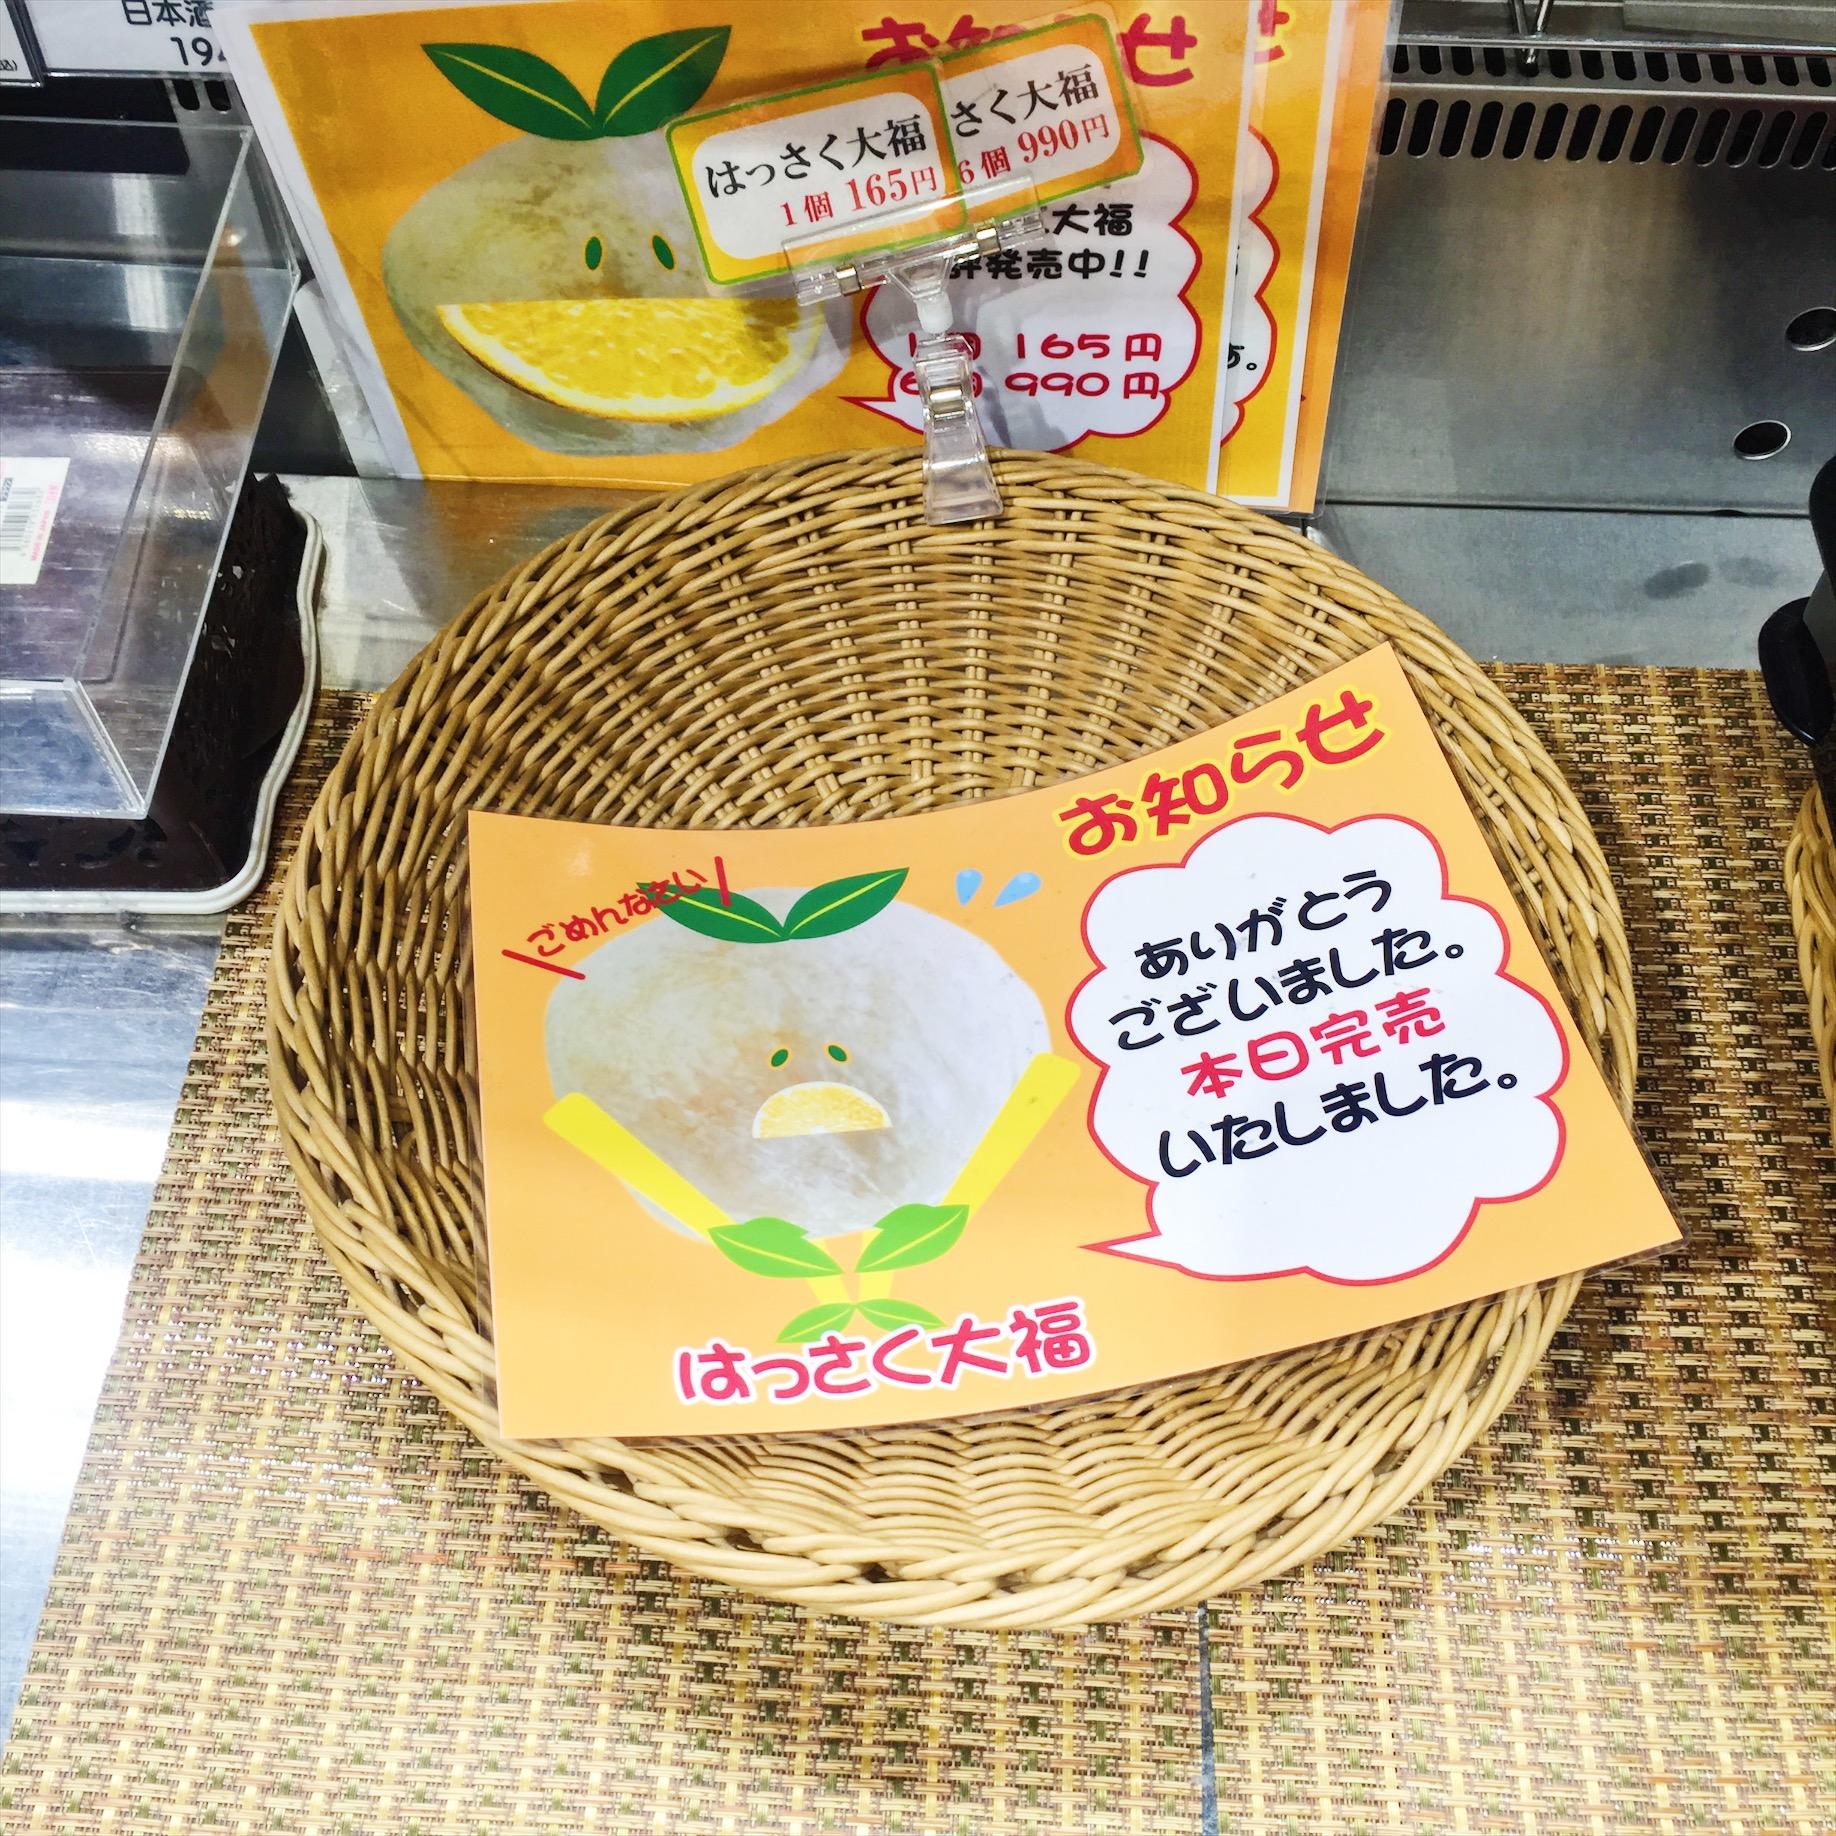 広島のはっさく大福が簡単には買えない件。